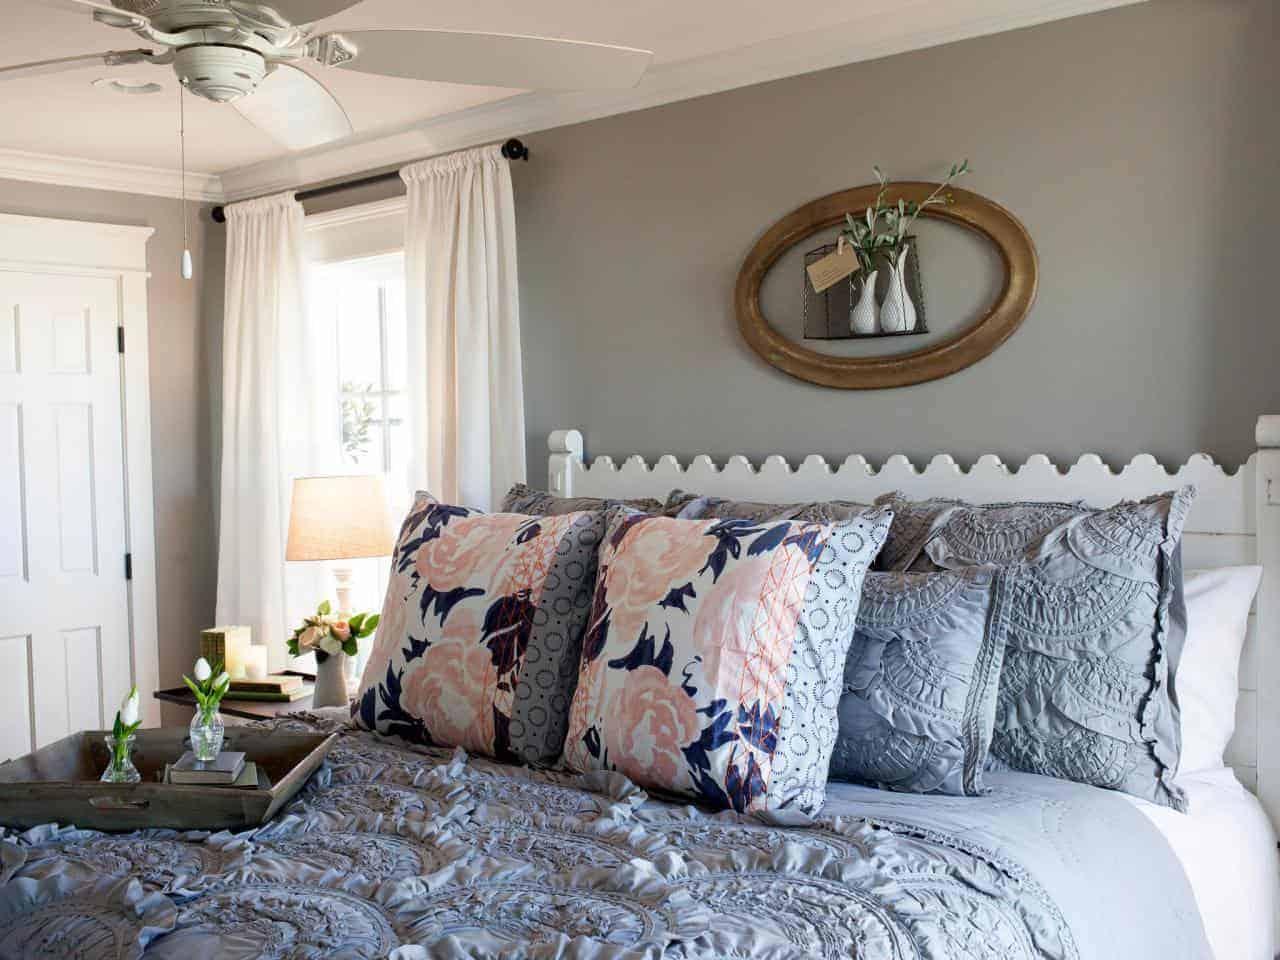 Joanna Gaines Fixer Upper Style Recreate Her Bedroom